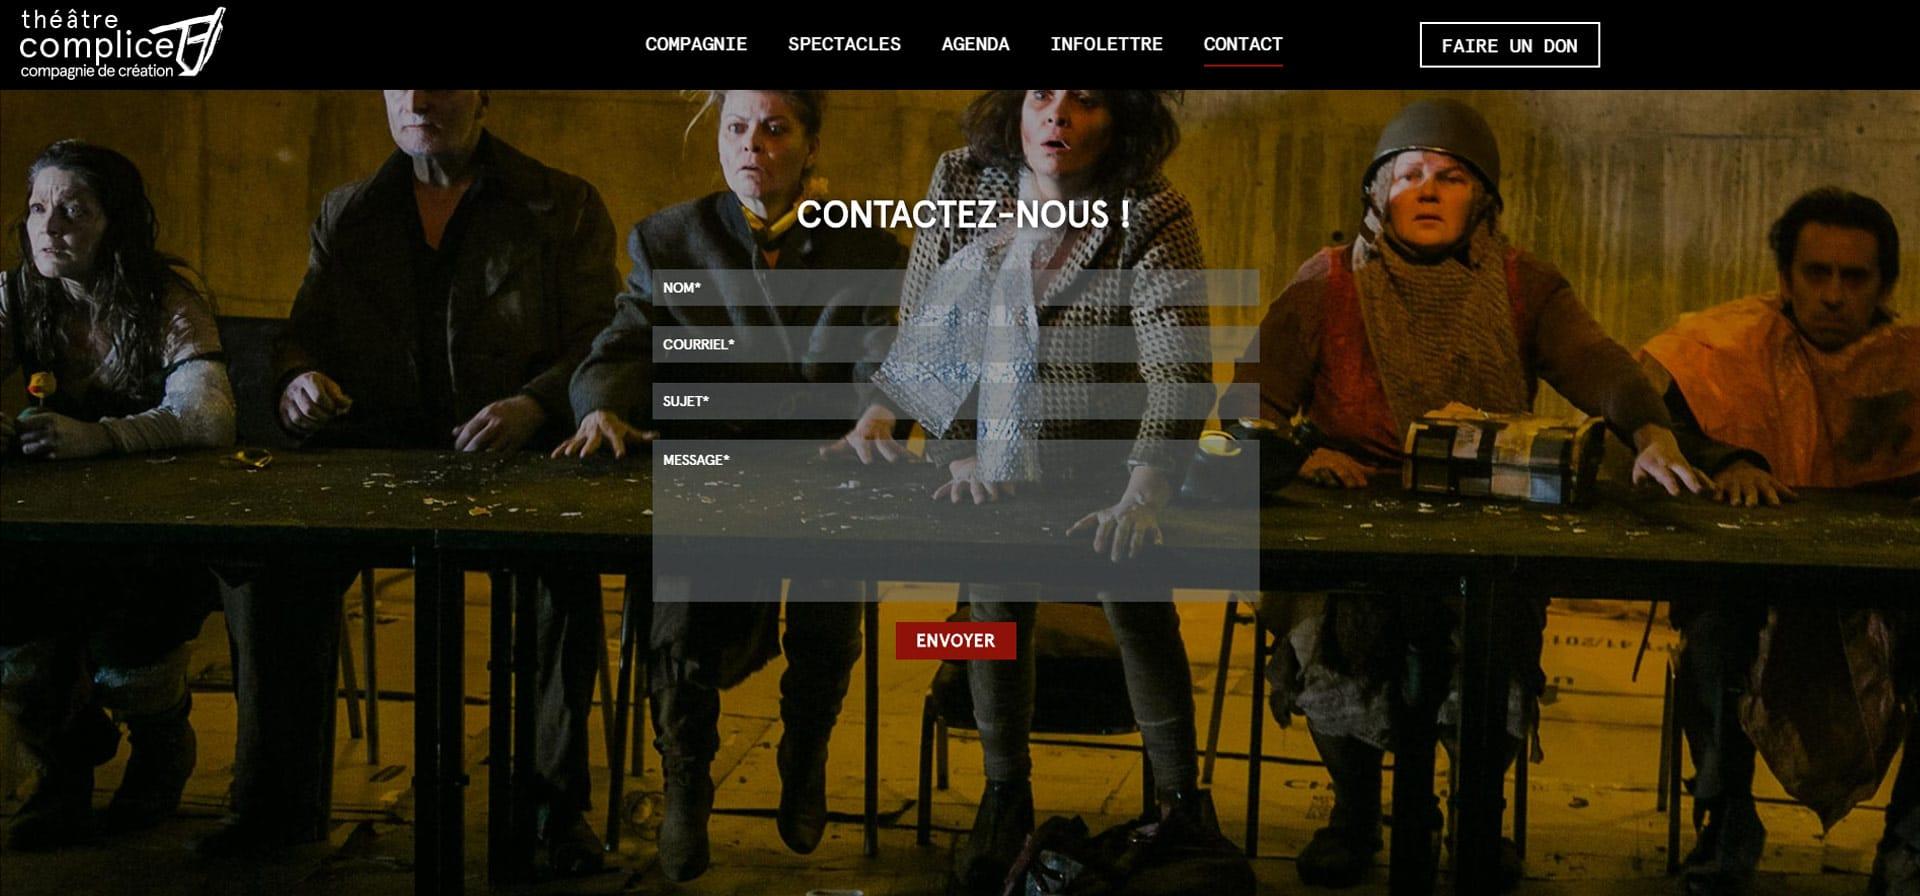 theatre-complice-5